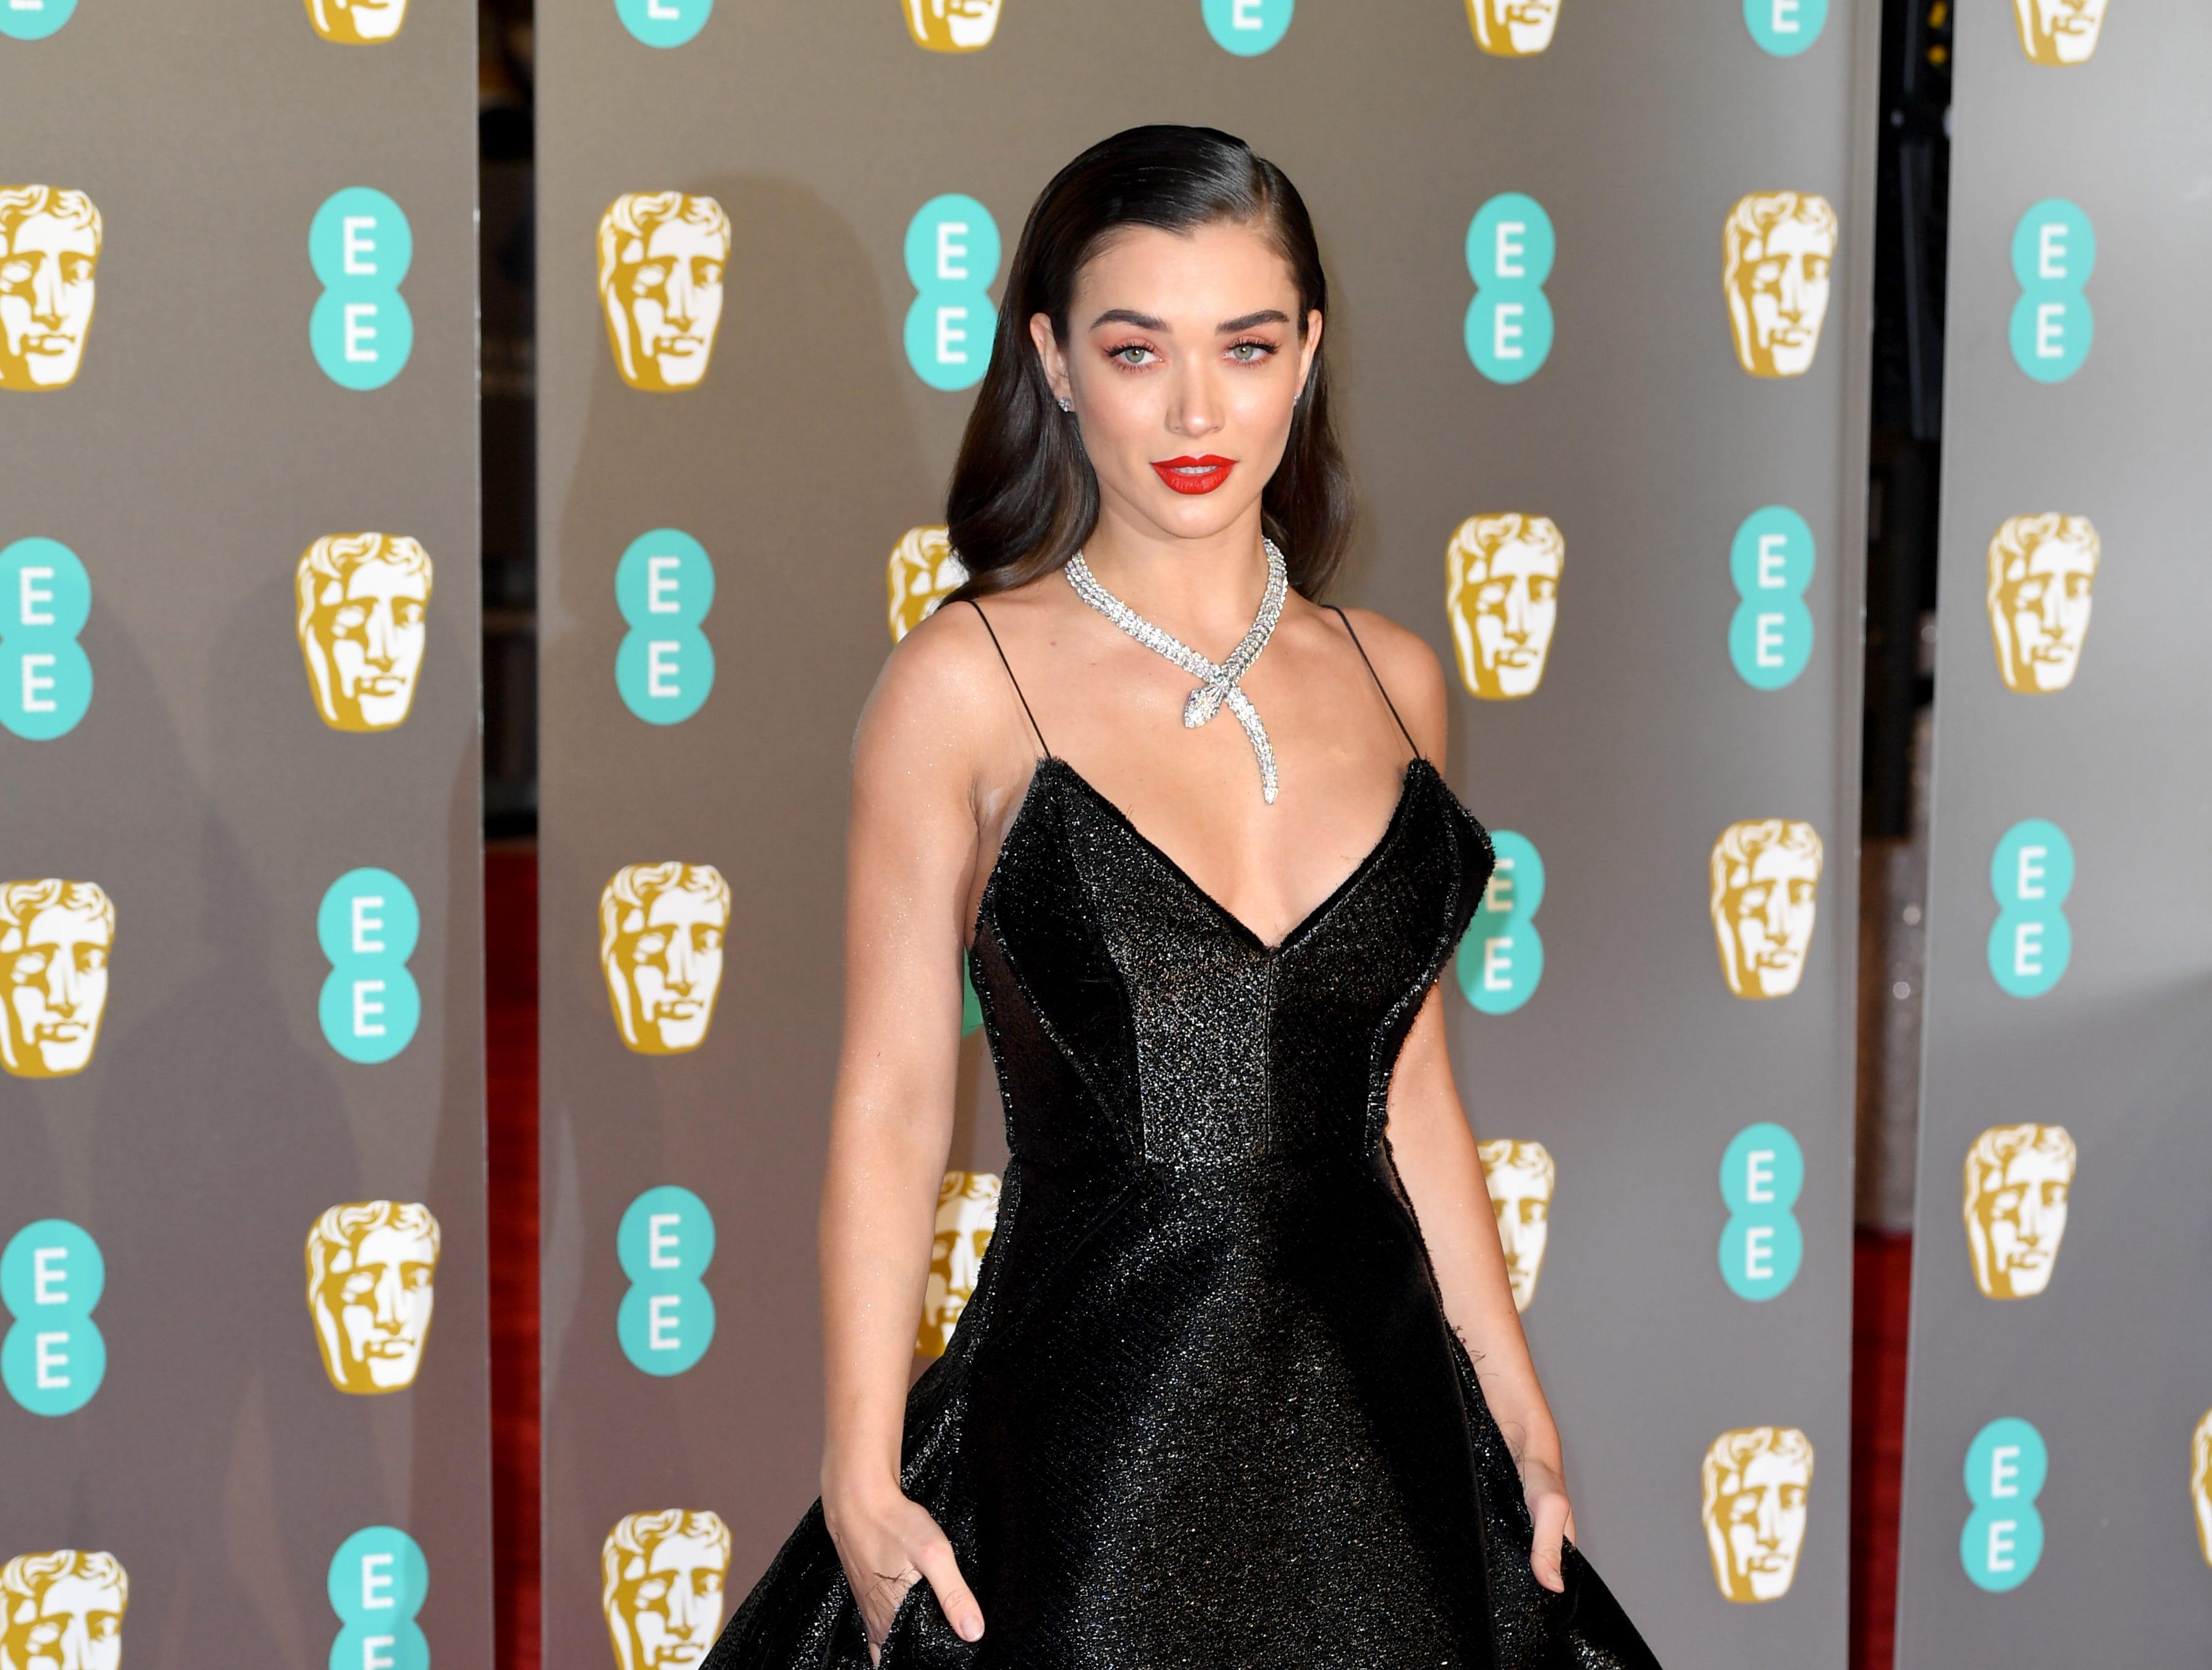 Amy Jackson a su llegada a la alfombra roja de los Premios de la Academia Británica de Cine BAFTA en el Royal Albert Hall en Londres el 10 de febrero de 2019.